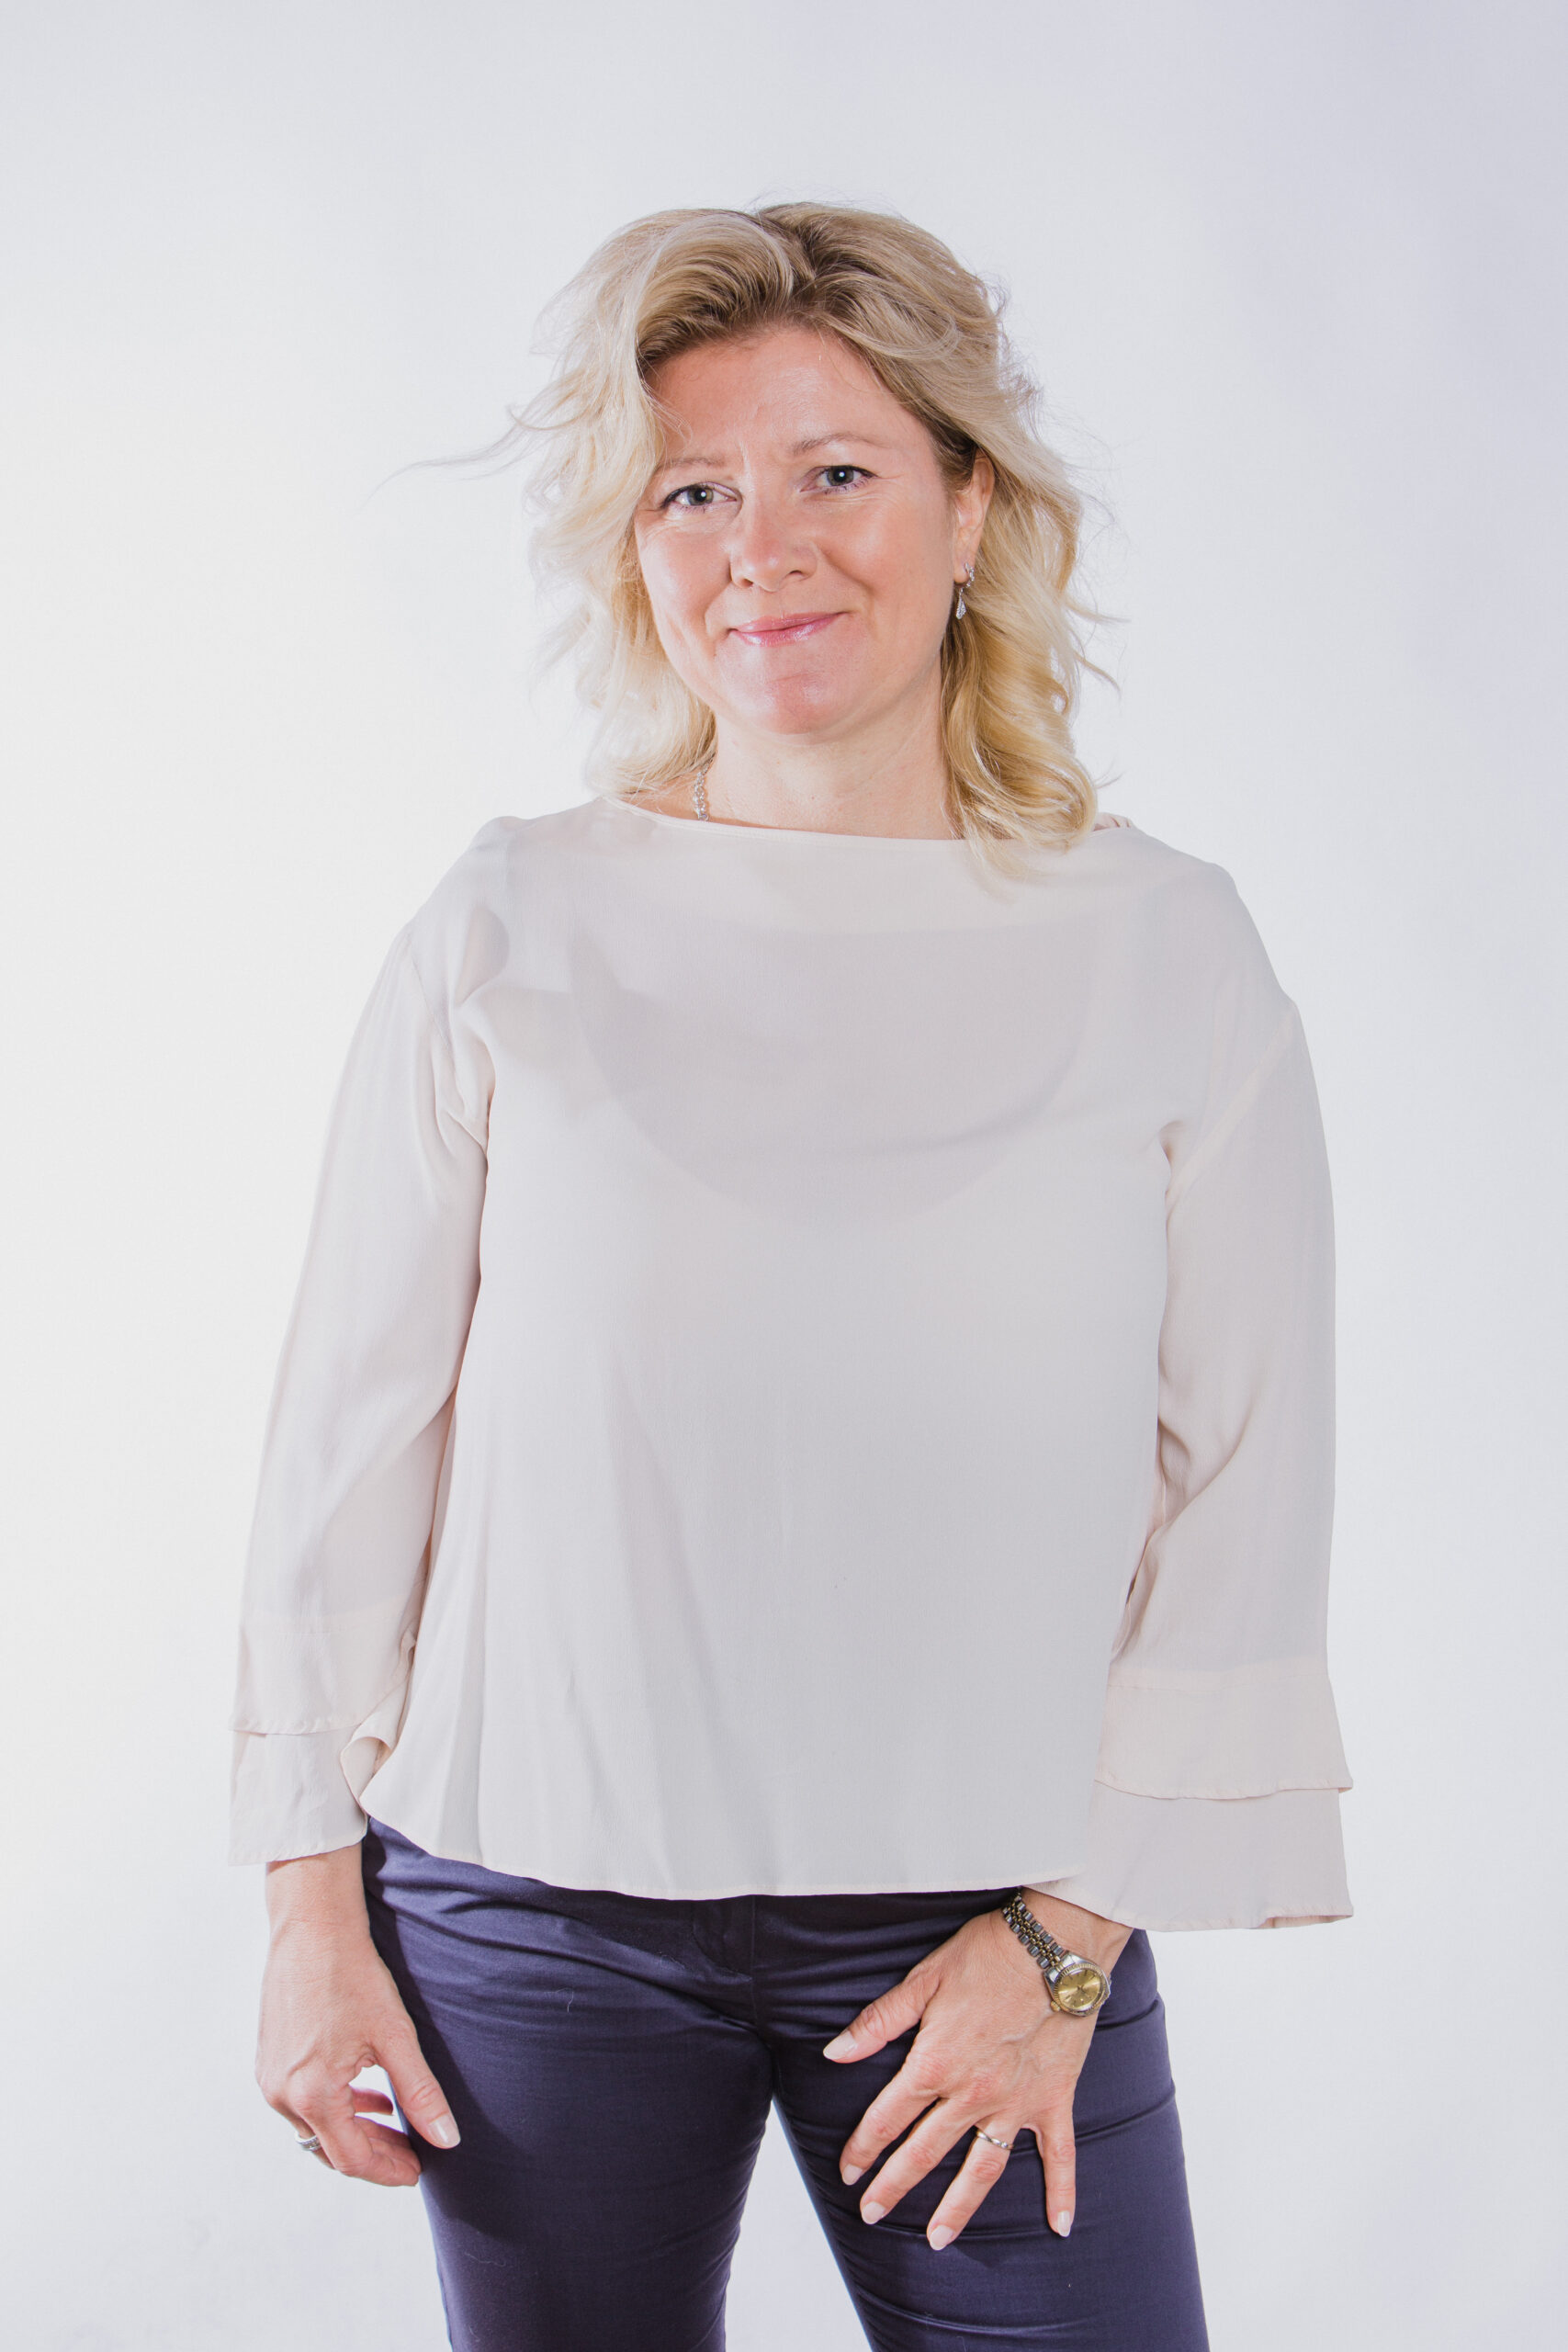 Barbara Catozzi